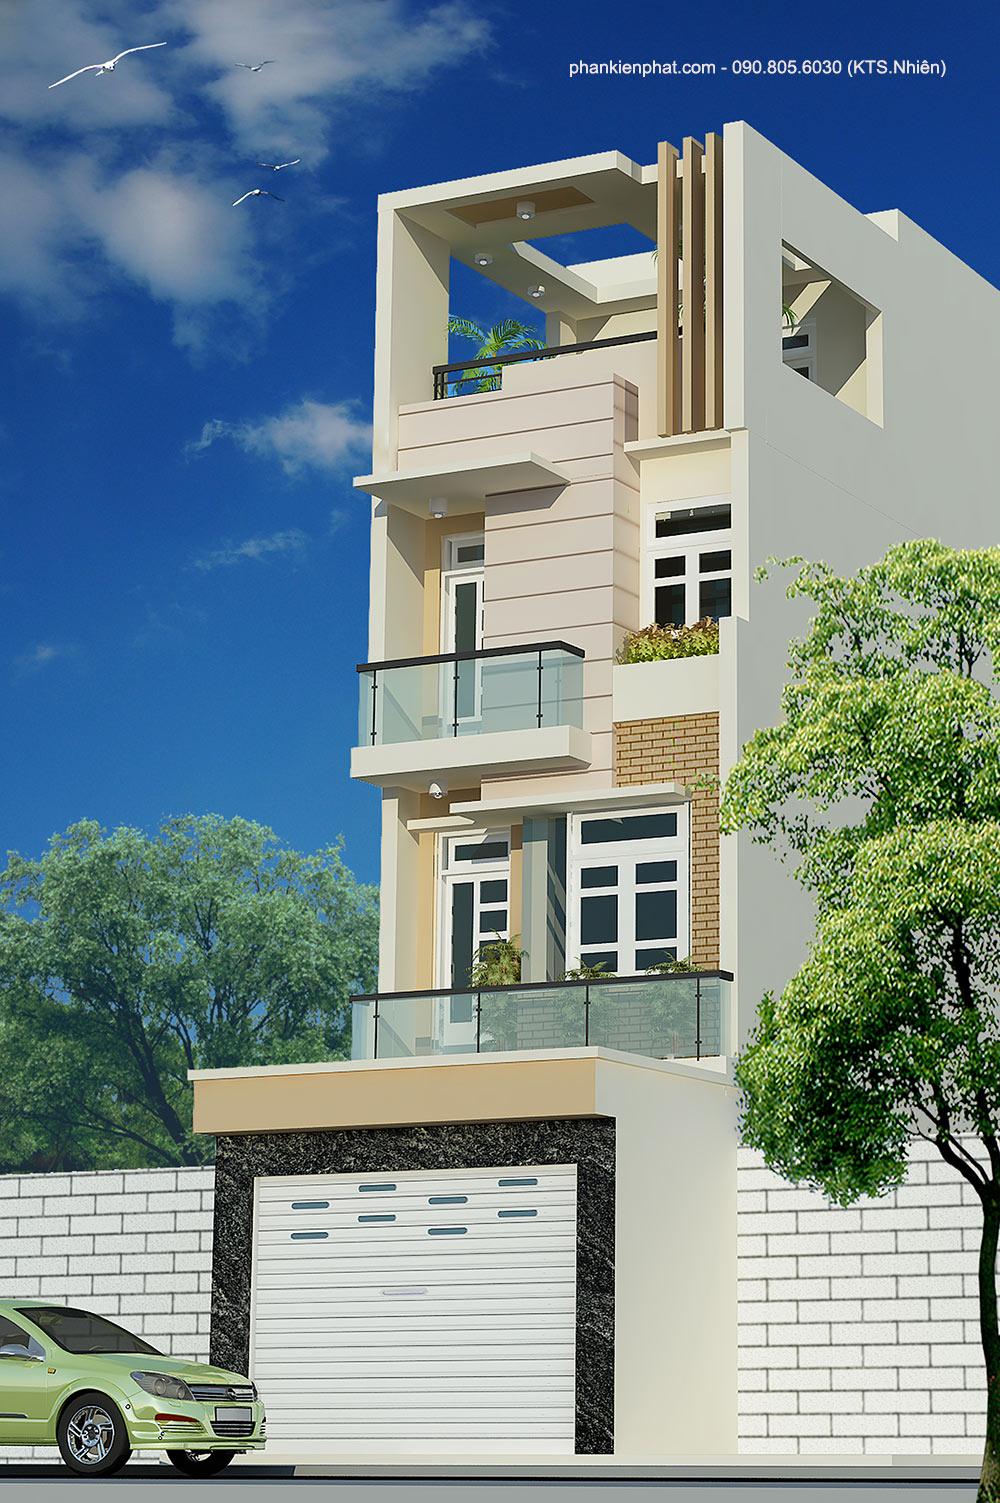 Công trình, Thiết kế xây dựng nhà phố, Anh Trung Nam